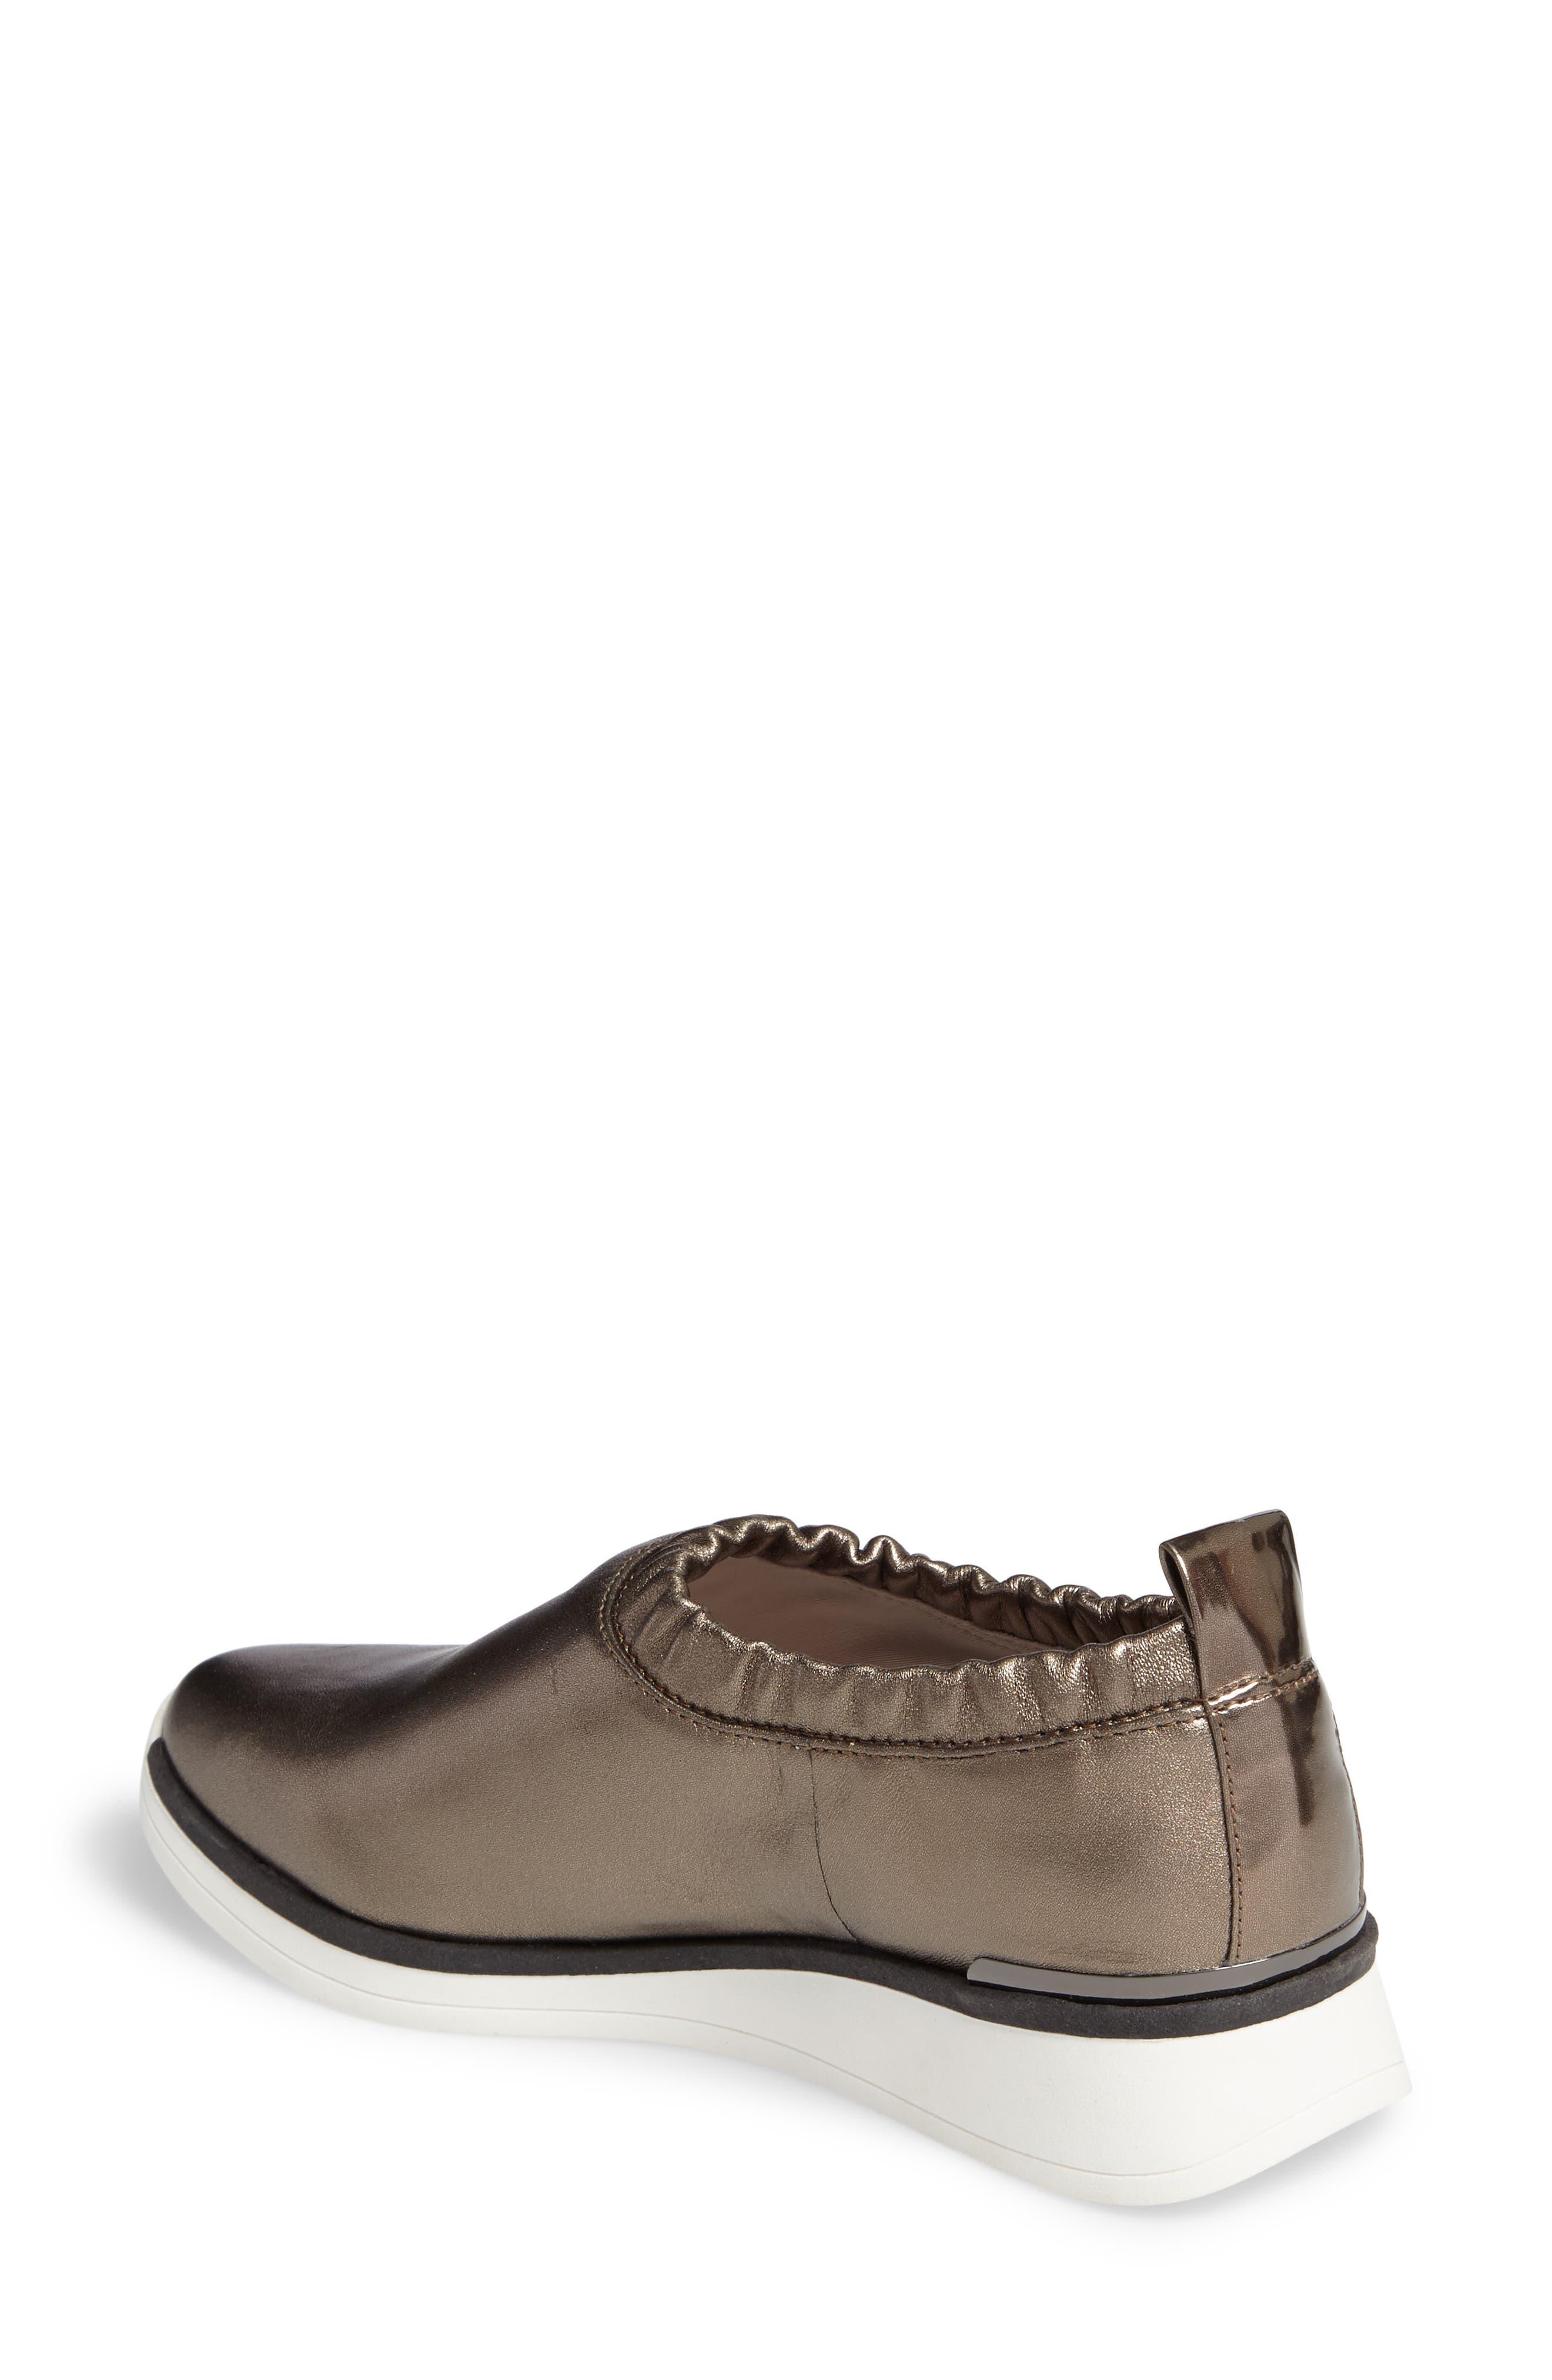 Brogen Slip-On Sneaker,                             Alternate thumbnail 4, color,